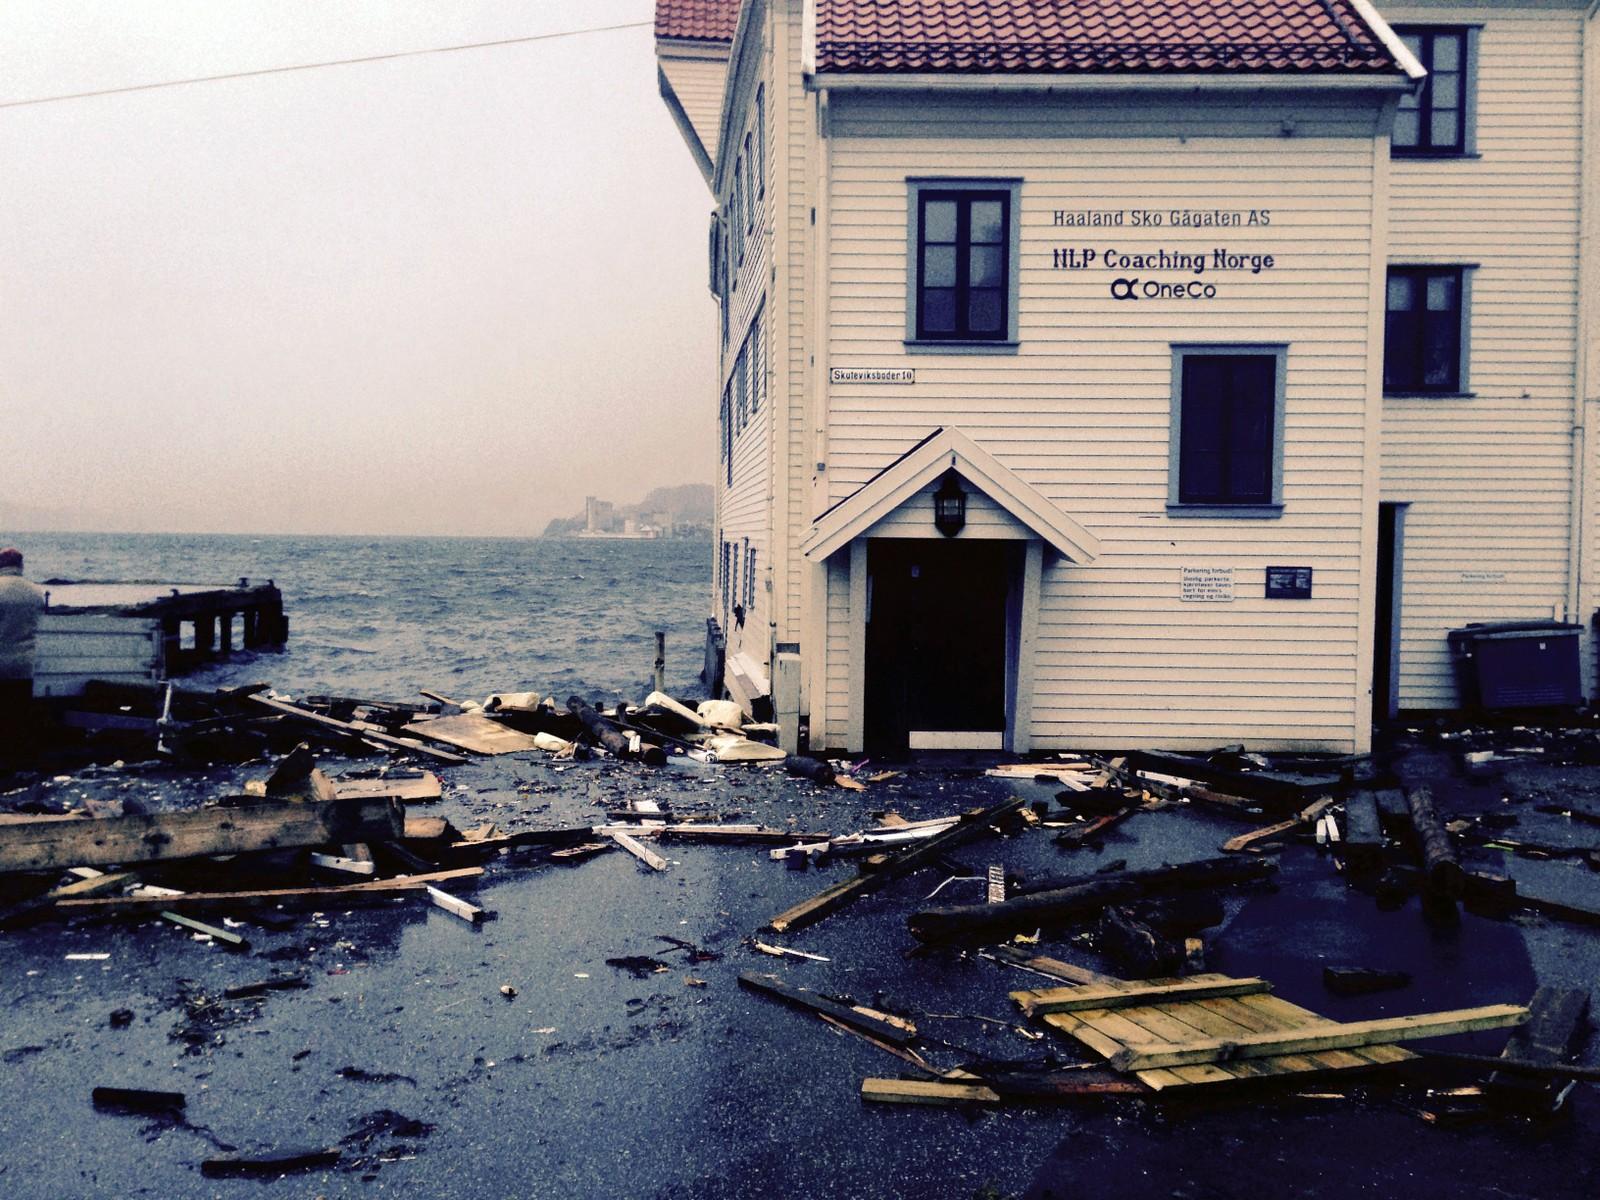 Slik så det ut på en av bryggene i Sandviken da natt ble til dag.